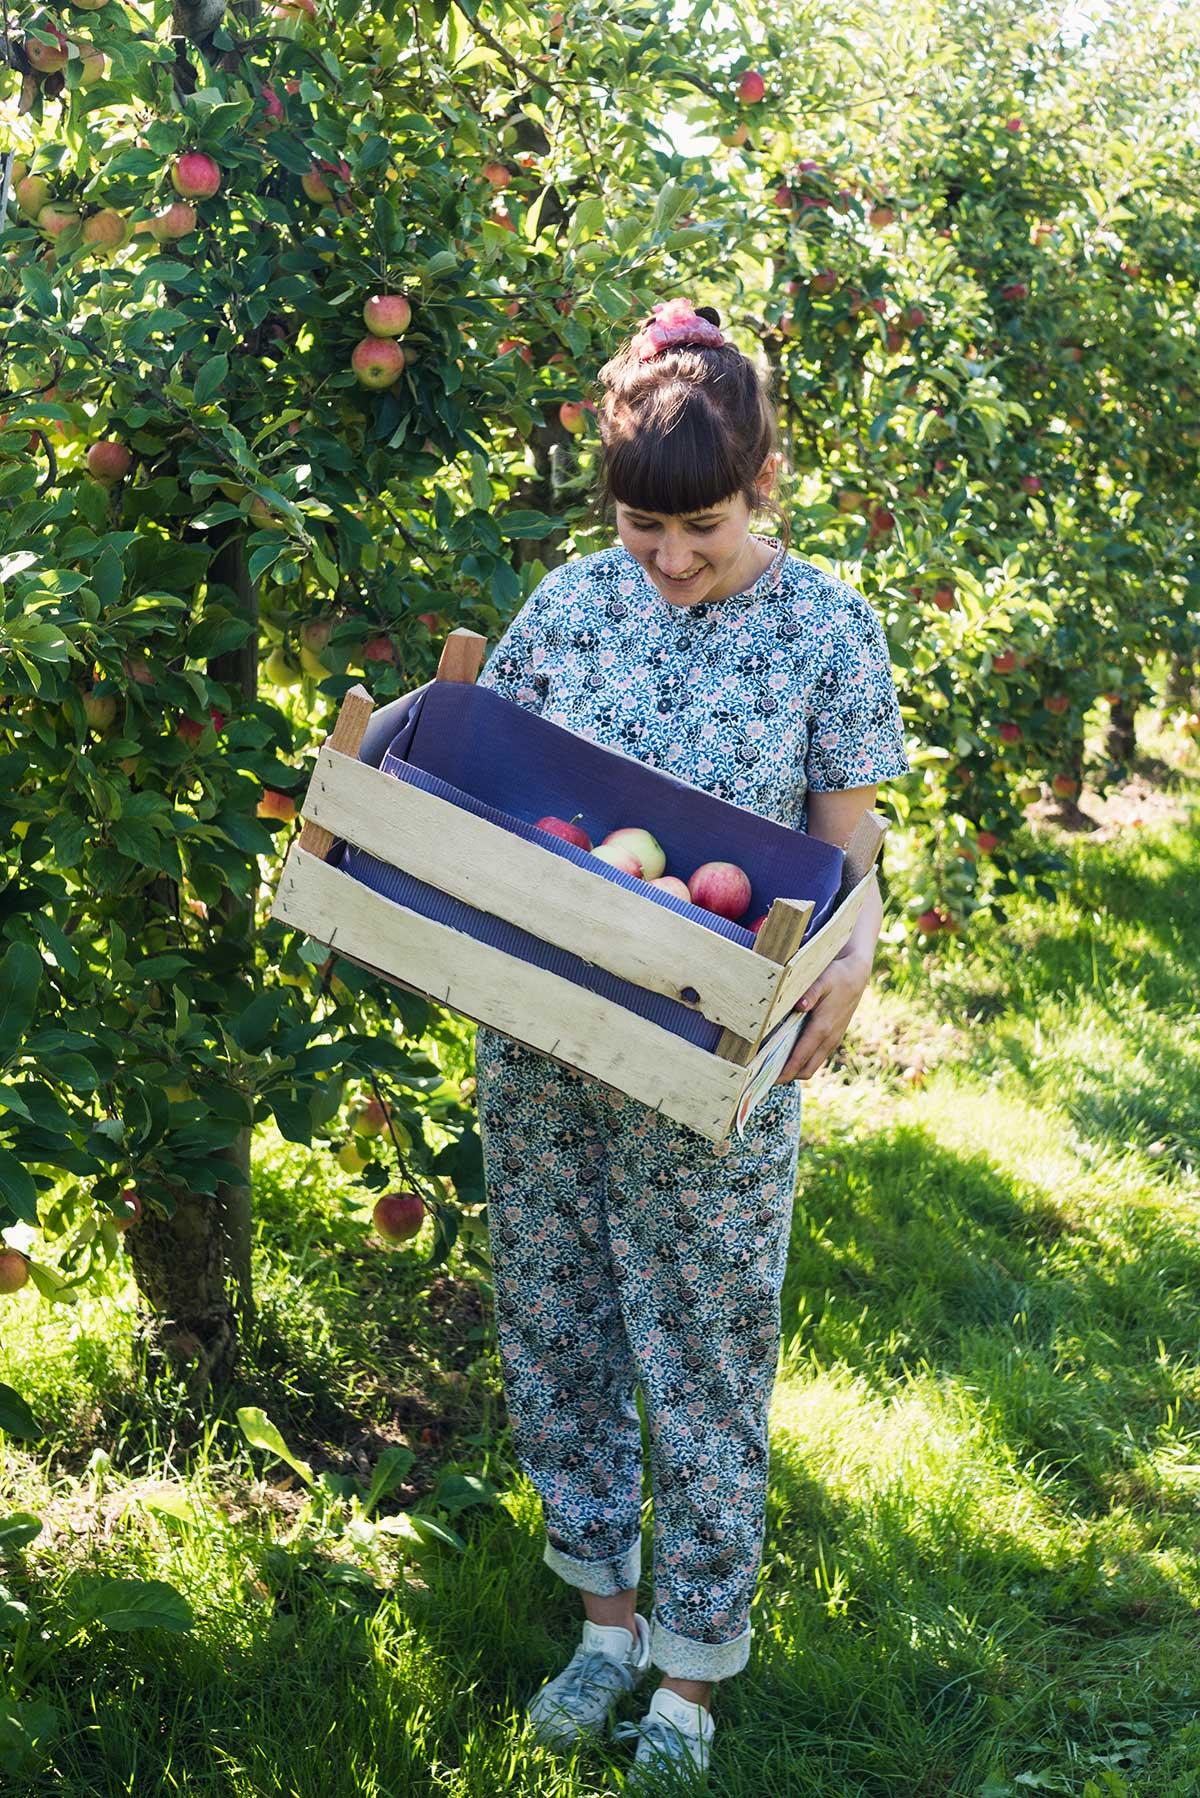 På en æbleplantage i Niedersachsen | Frk. Kræsen